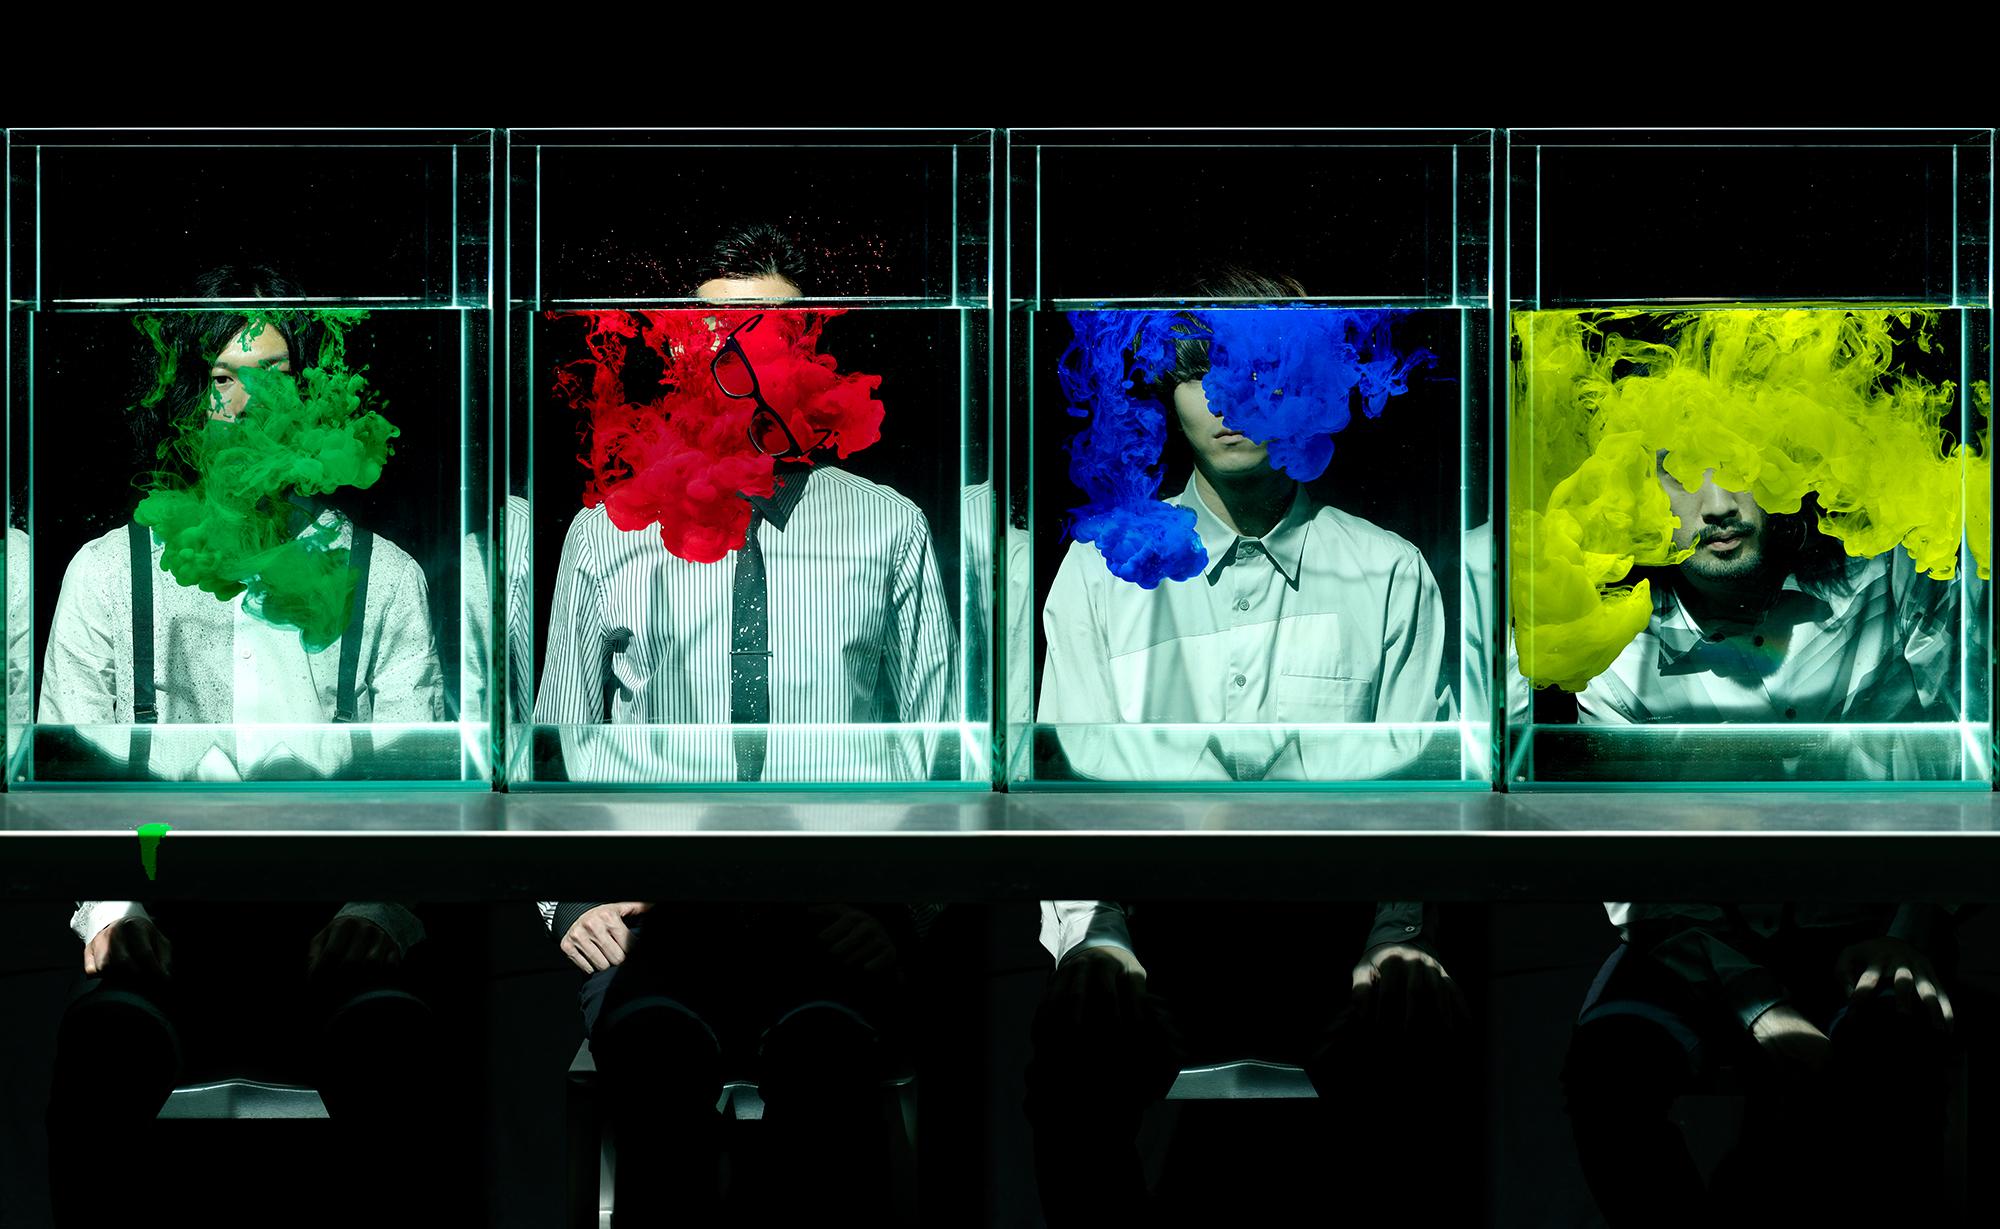 夜の本気ダンス、最新シングル「Magical Feelin'」ジャケット写真も本日公開